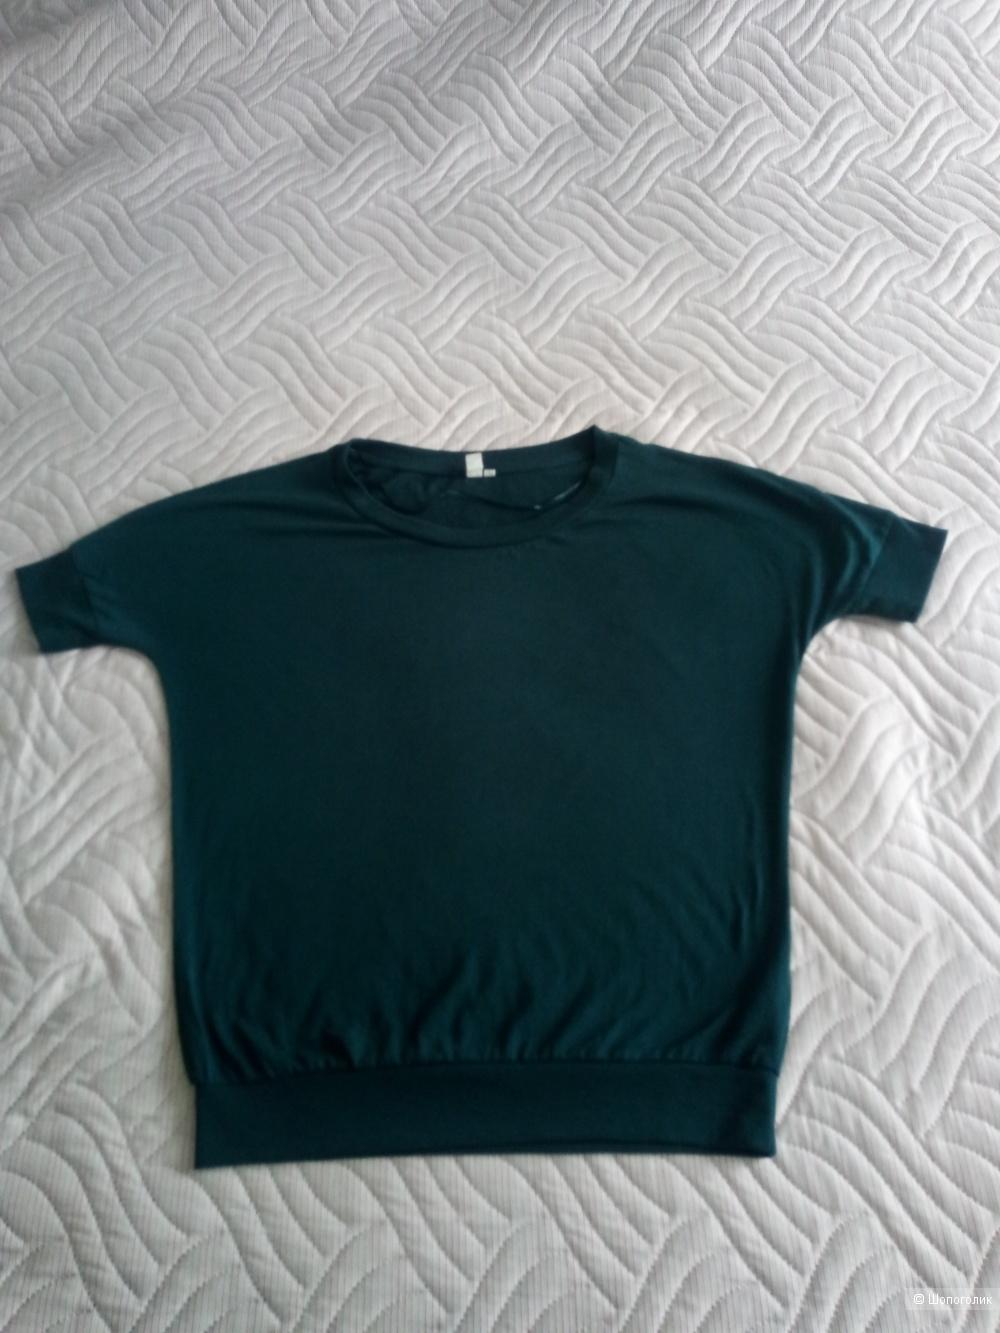 Кофта/футболка Q/S размер 44+-